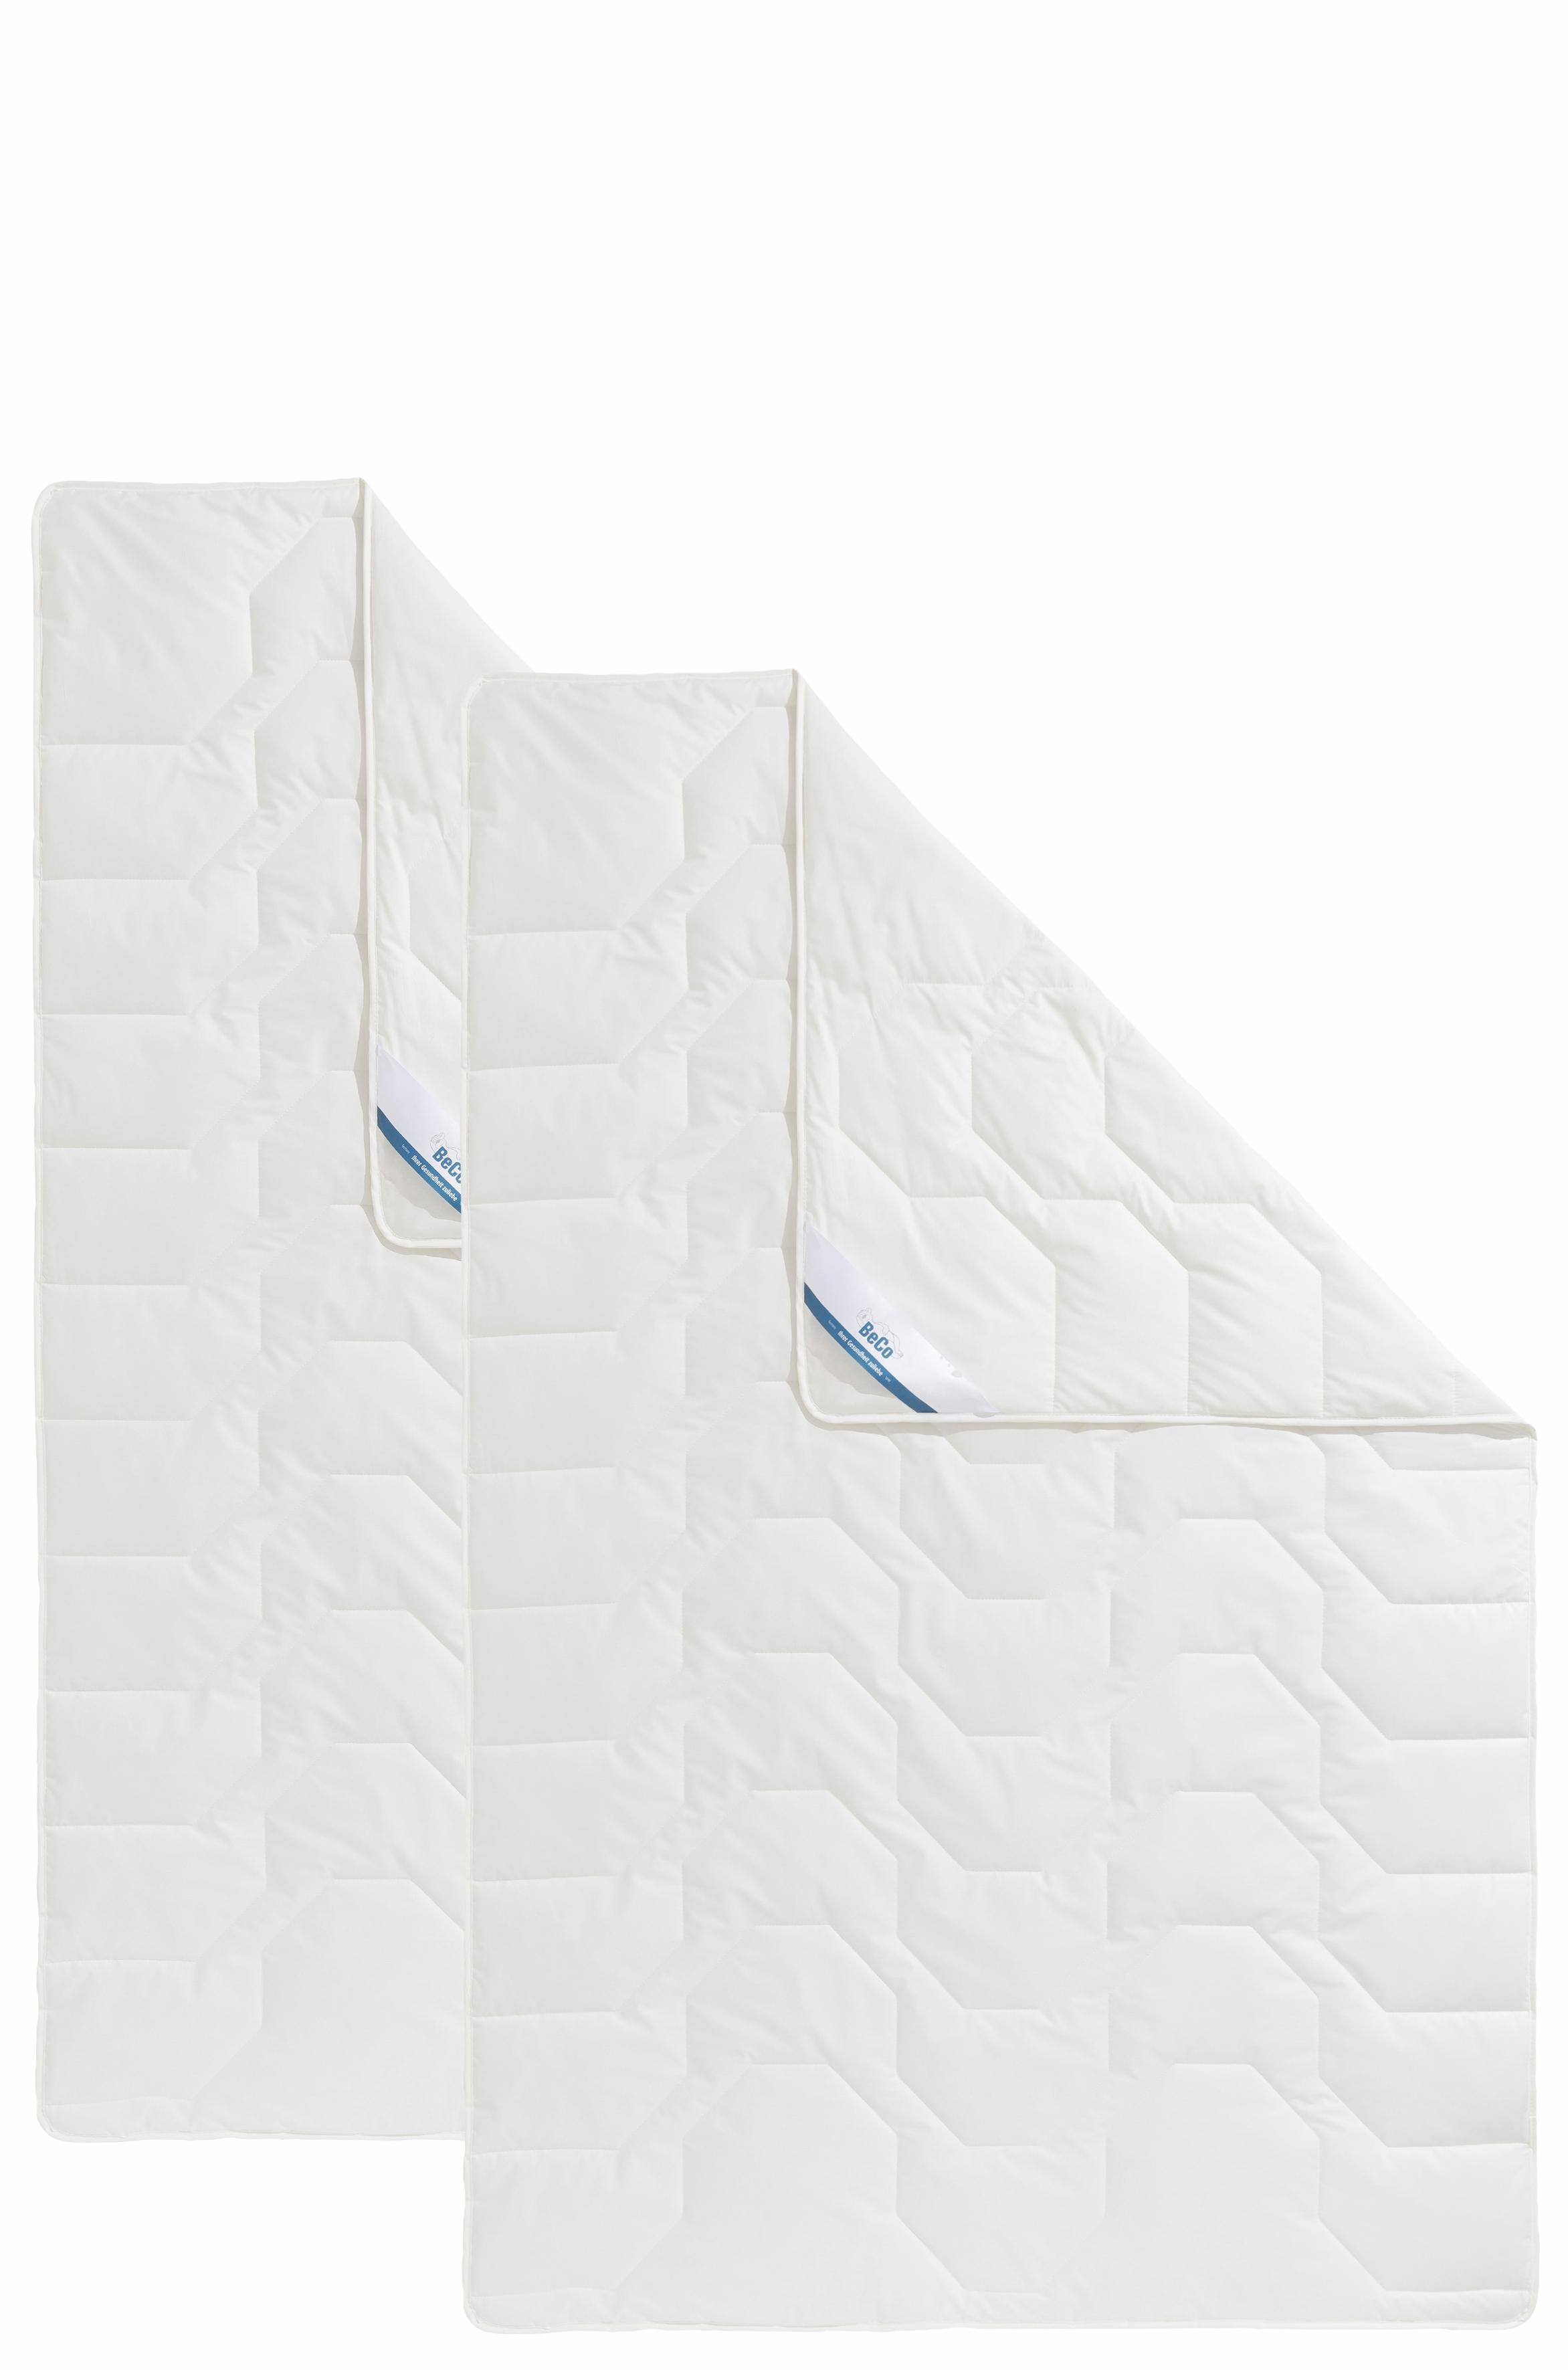 Bettdecke, »TENCEL® KbA«, BeCo, Leicht, inklusiv Leichtdecke gratis, nachhaltige Materialien